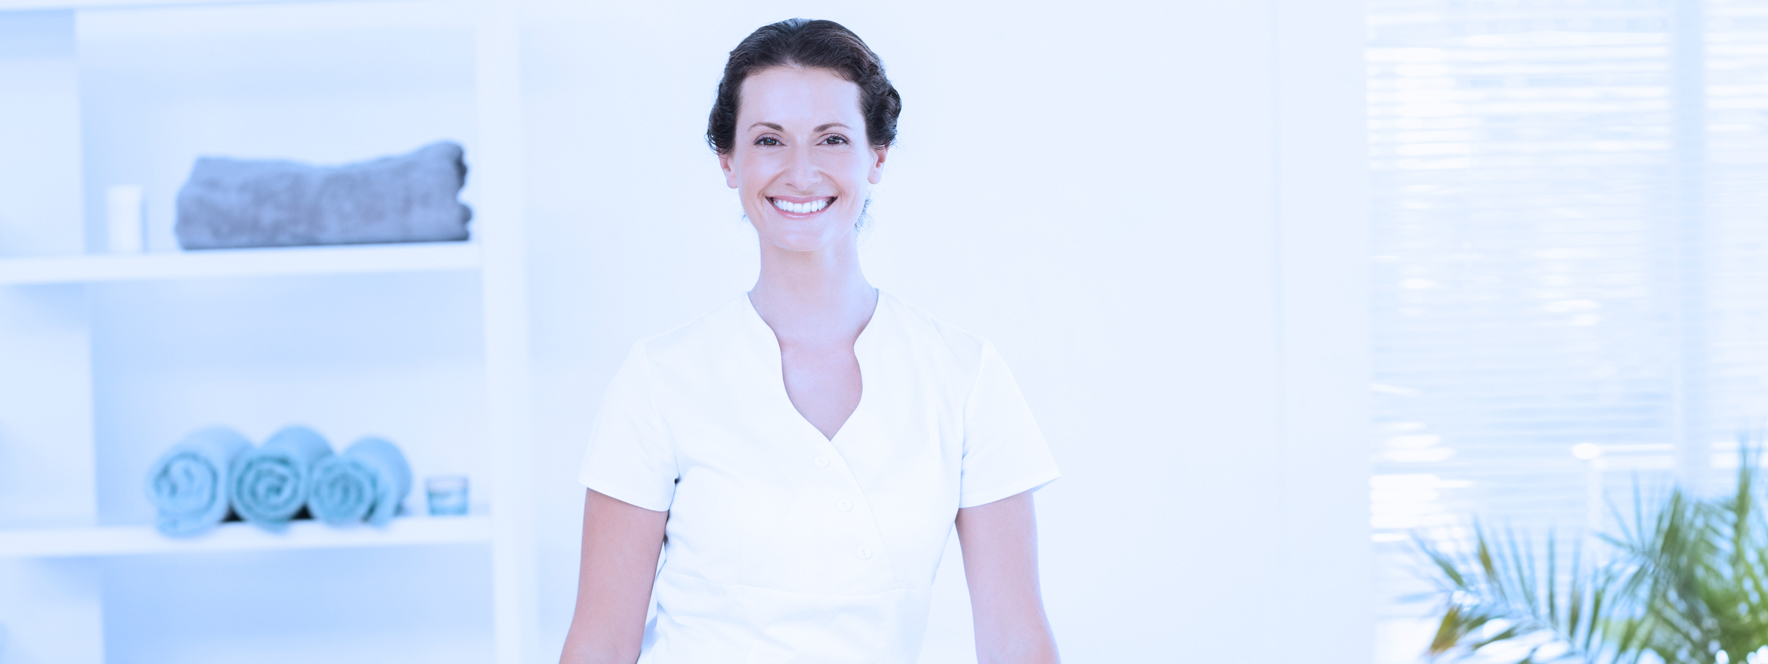 La persévérance en début de carrière - Blogue du Réseau des massothérapeutes